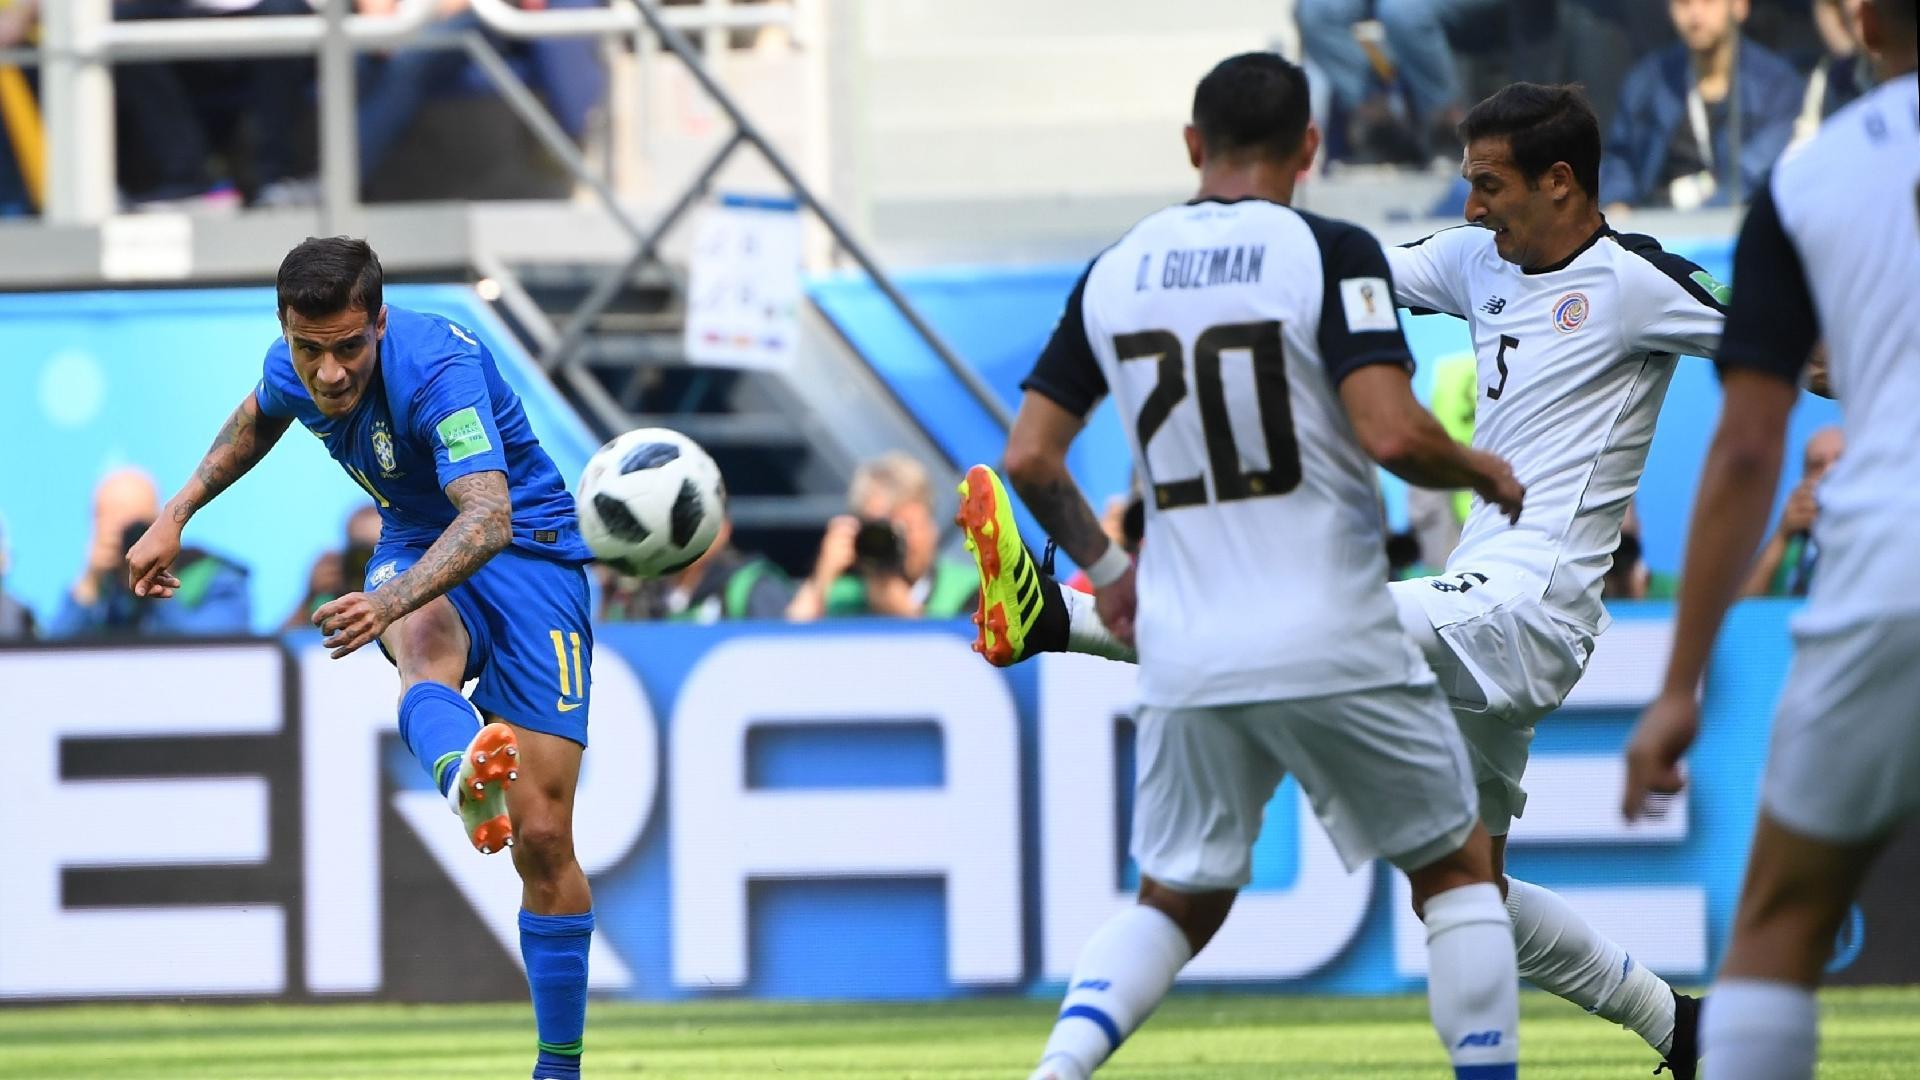 Coutinho arrisca o chute durante a partida entre Brasil e Costa Rica